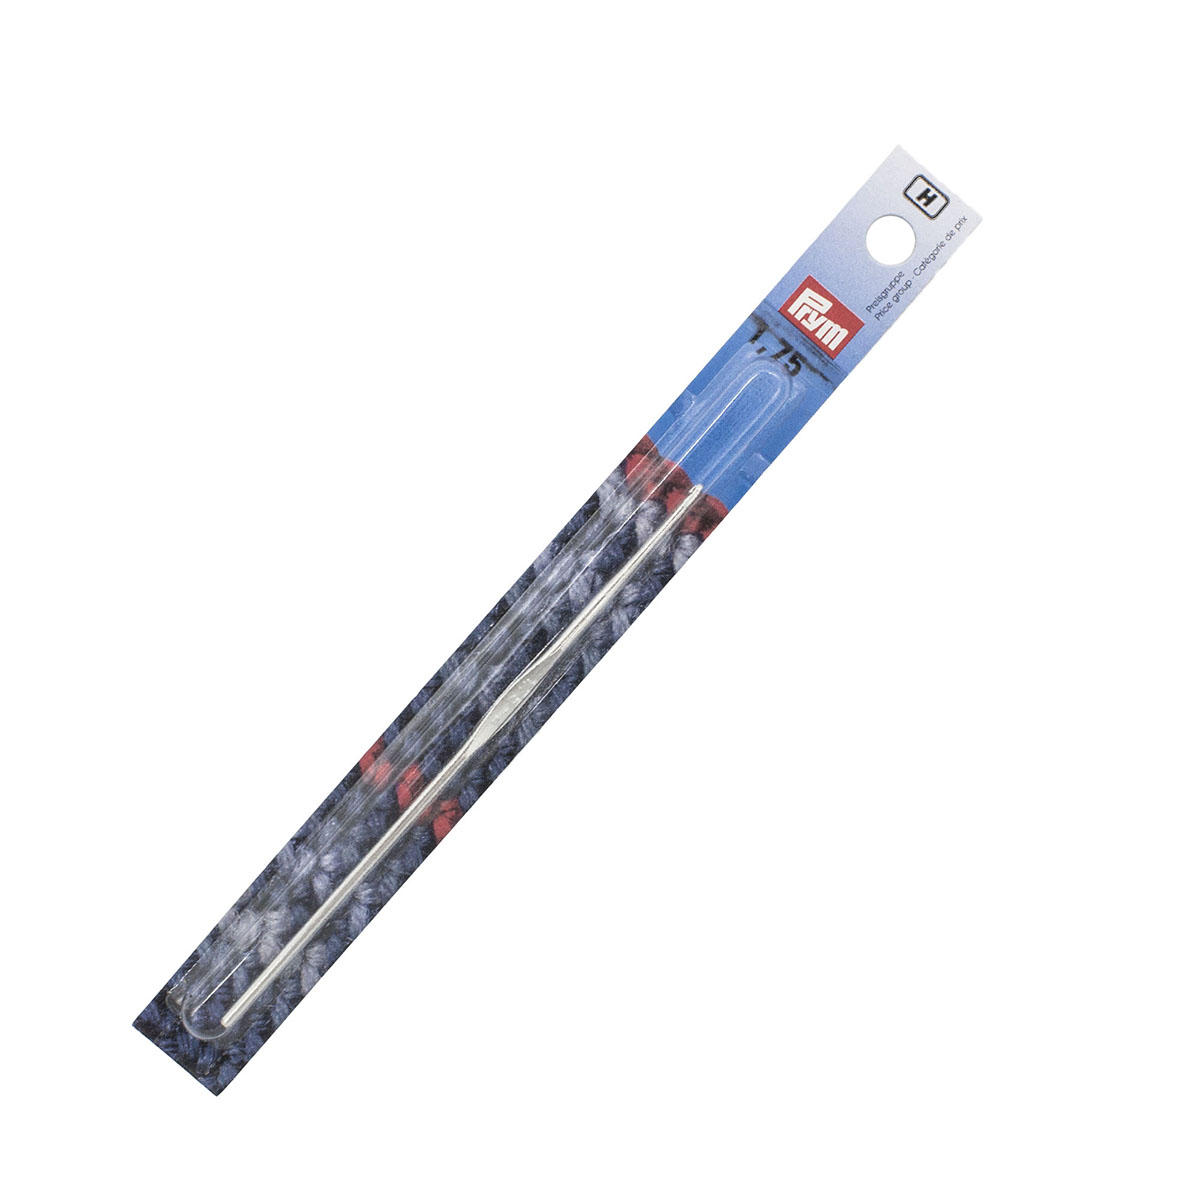 175841 Крючок IMRA для тонкой пряжи без ручки, сталь, с направляющей площадью, 1,75 мм, Prym